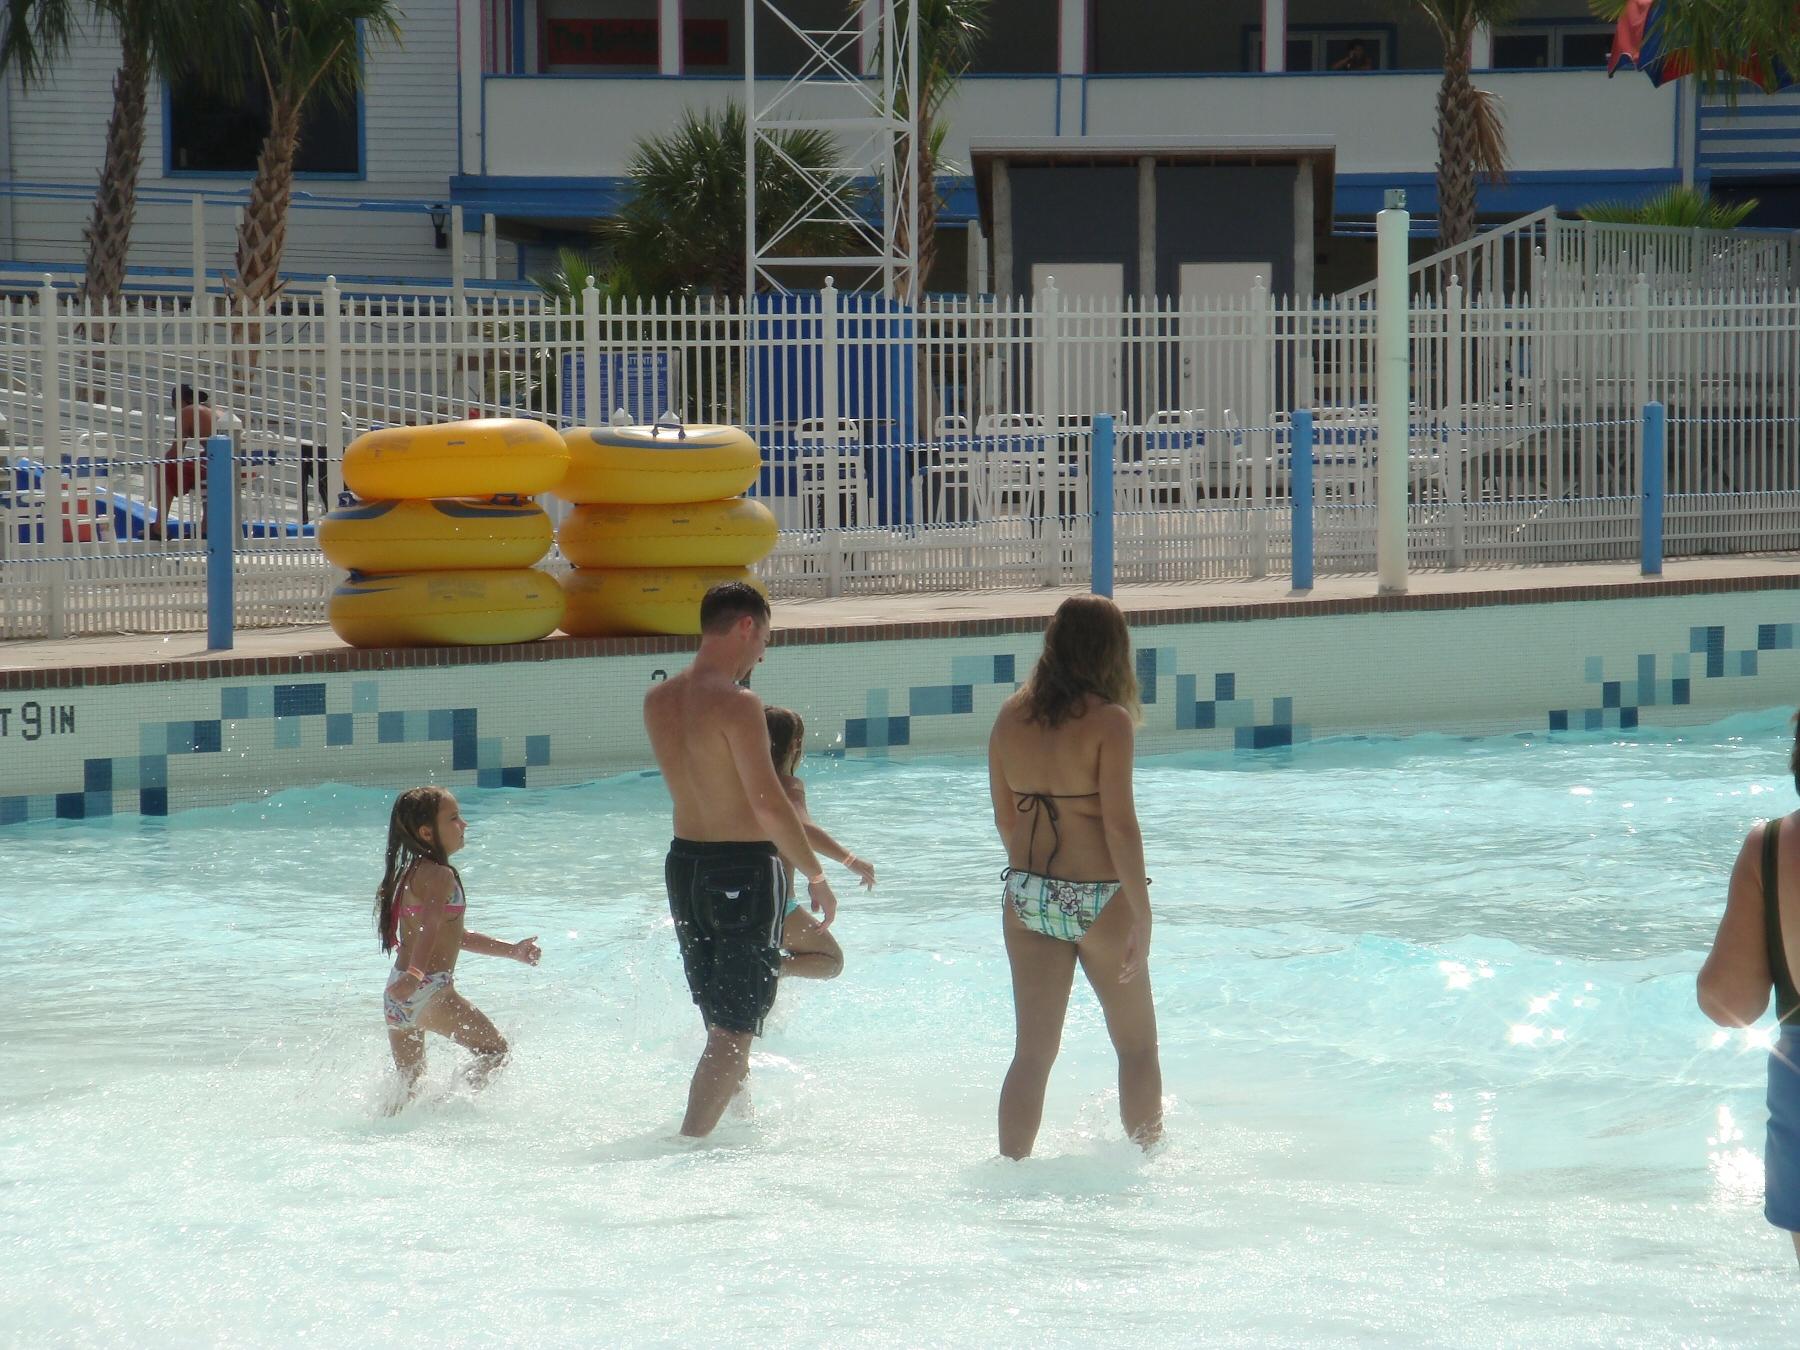 people walking in pool